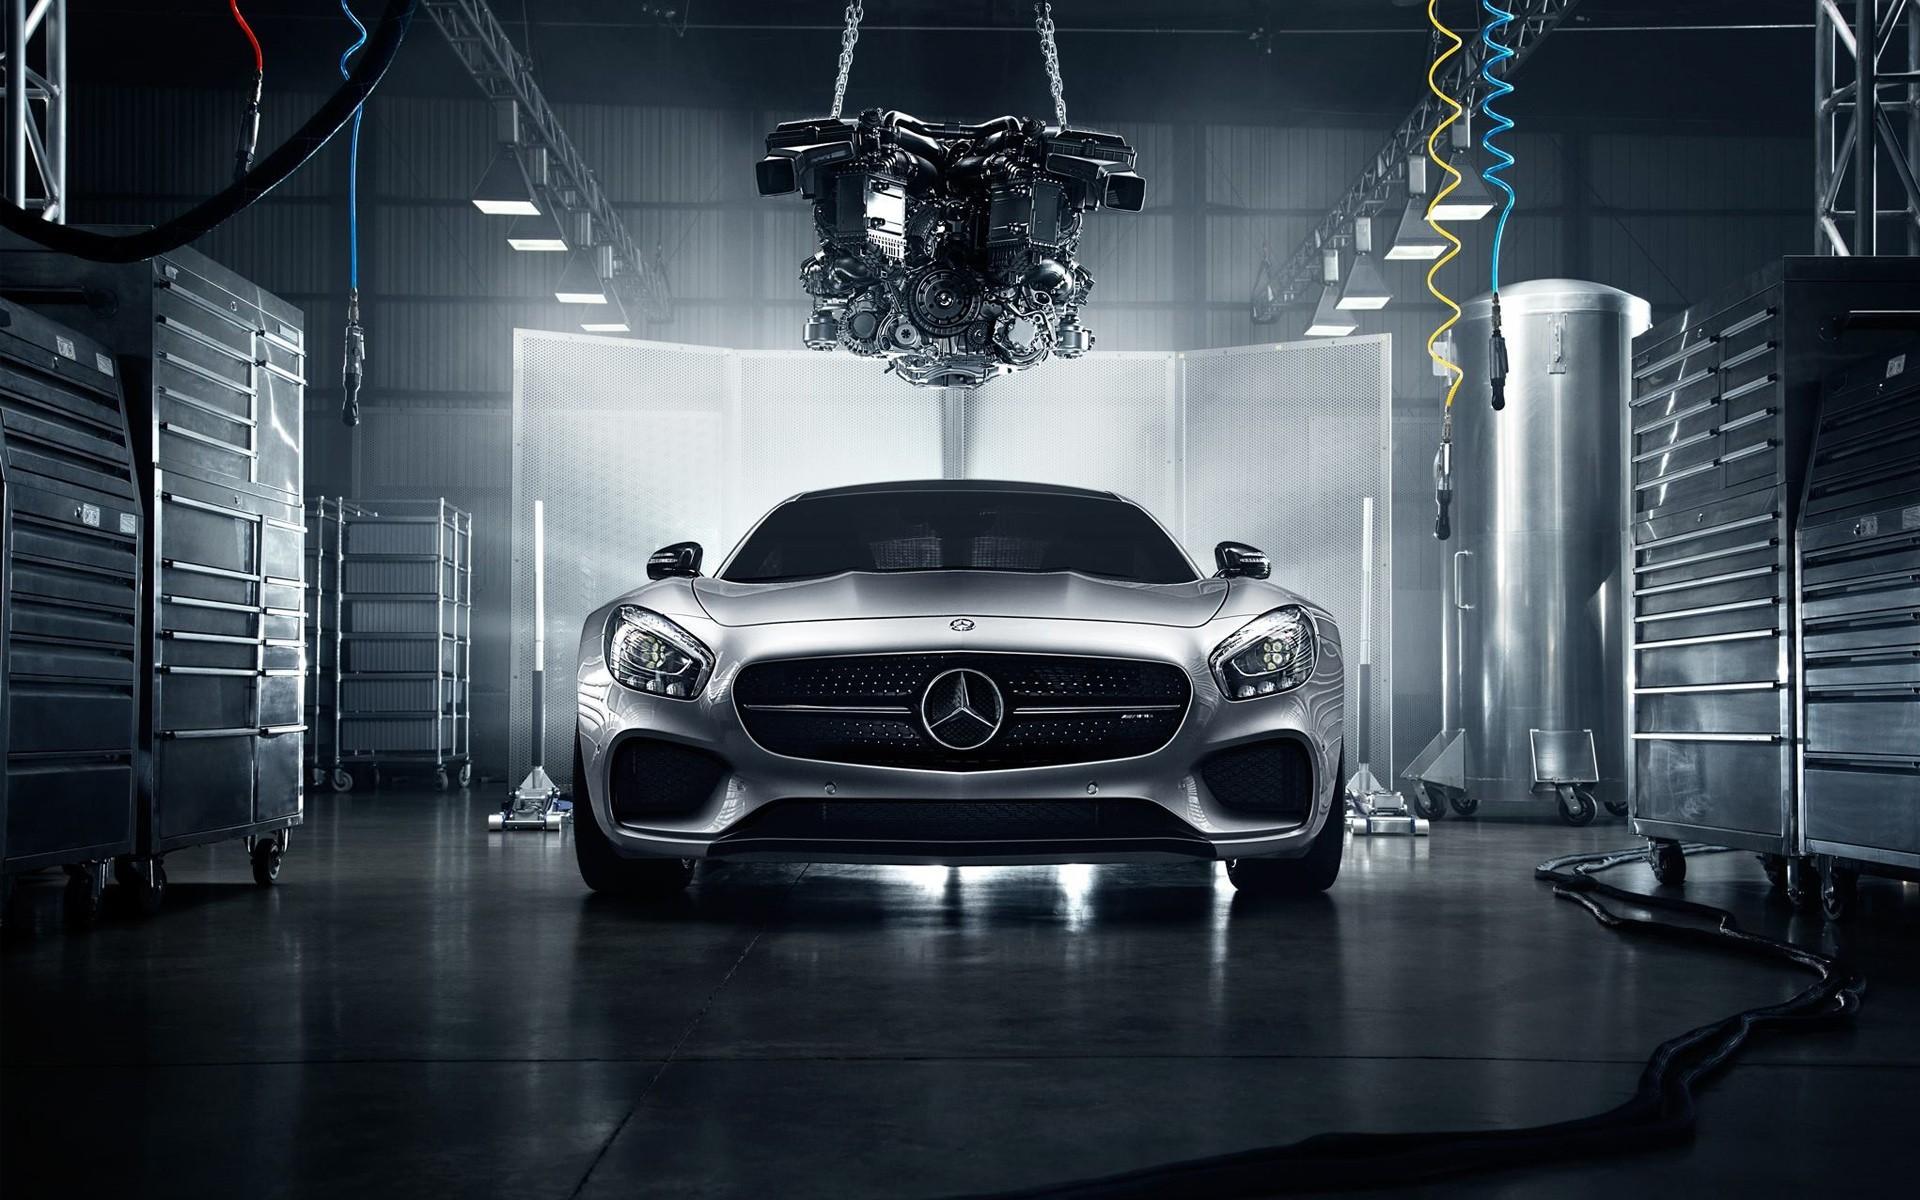 2016 Mercedes Benz AMG GT S Wallpaper HD Car Wallpapers 1920x1200